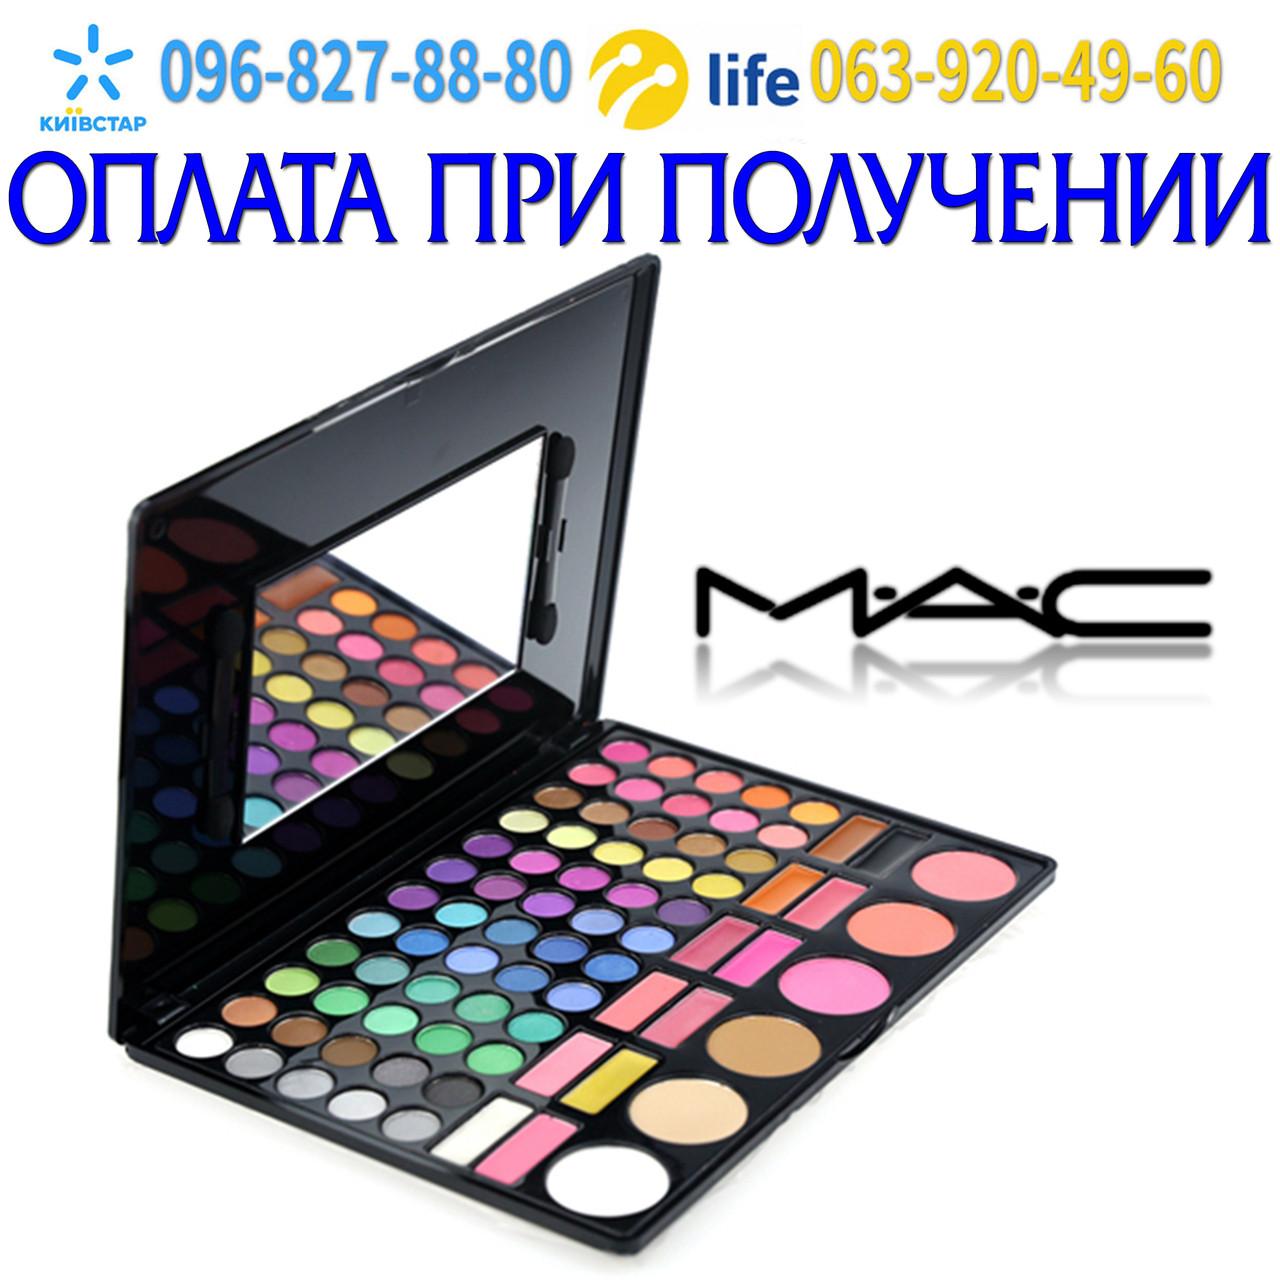 Универсальная палитра 78 цветов №3 MAC - Интернет-магазин Allegoriya в Днепре